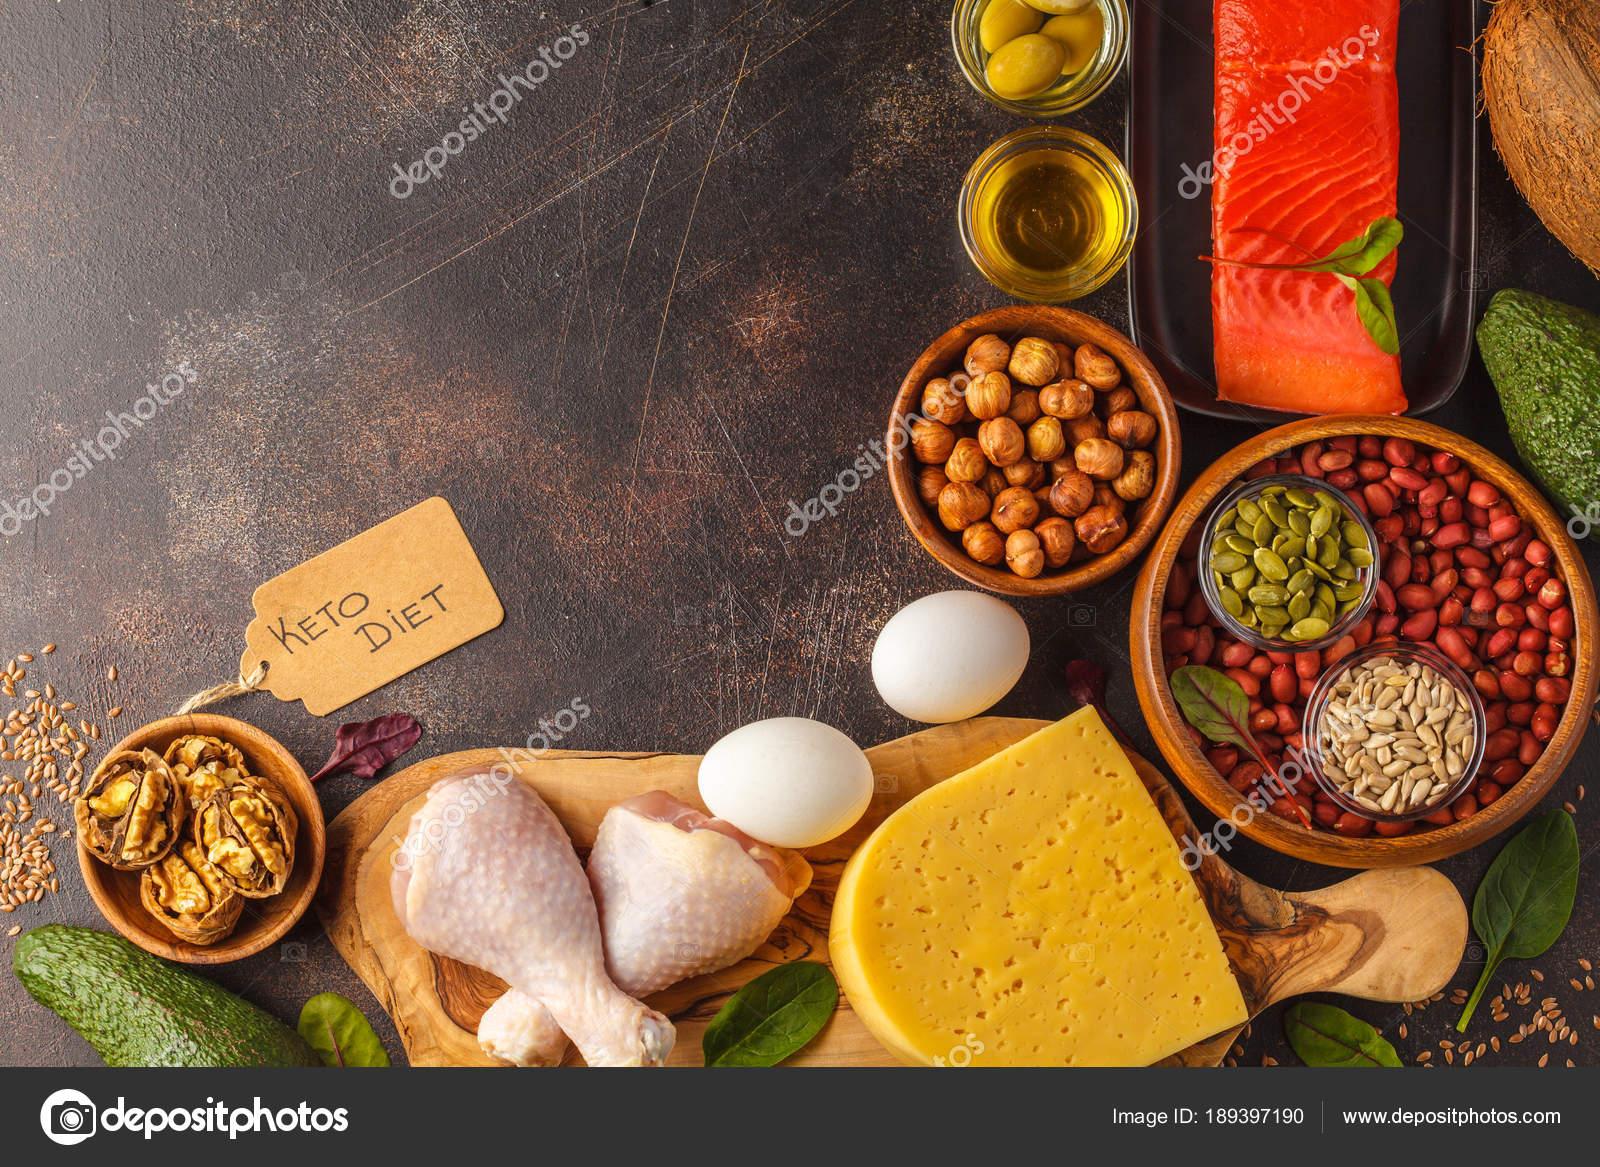 keto diet protein sources